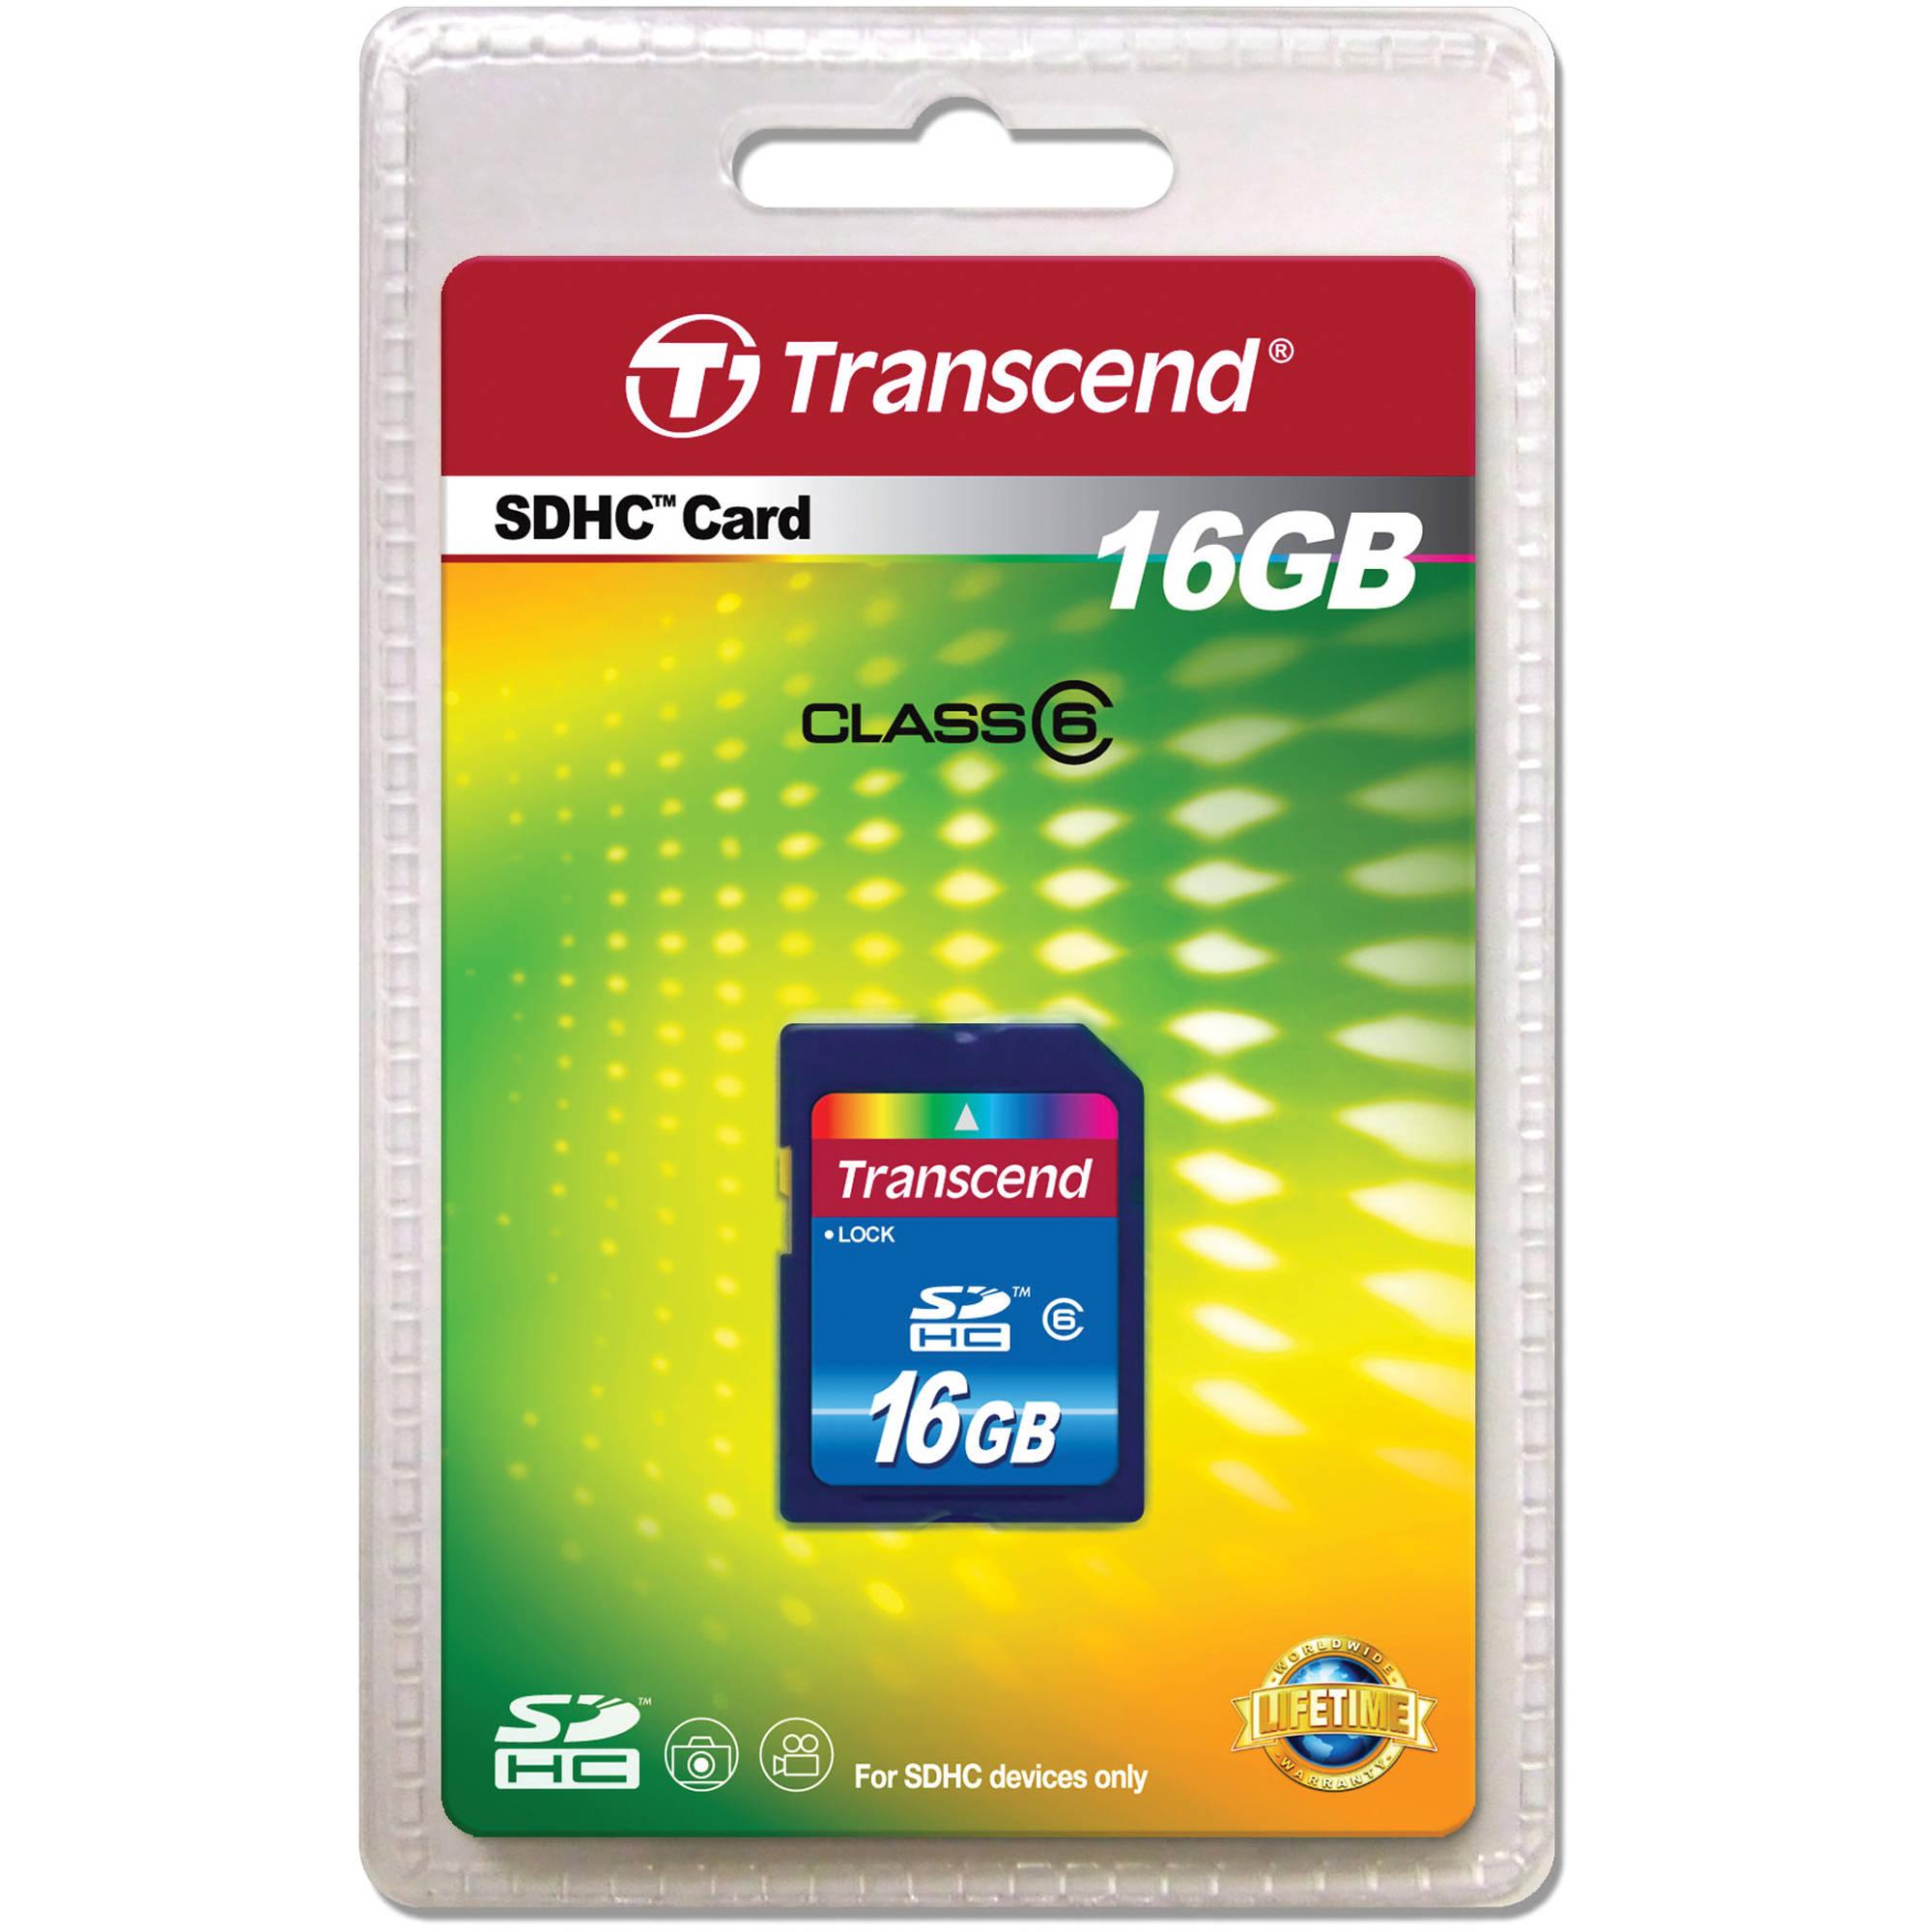 Transcend 16GB microSDHC Card Class 6